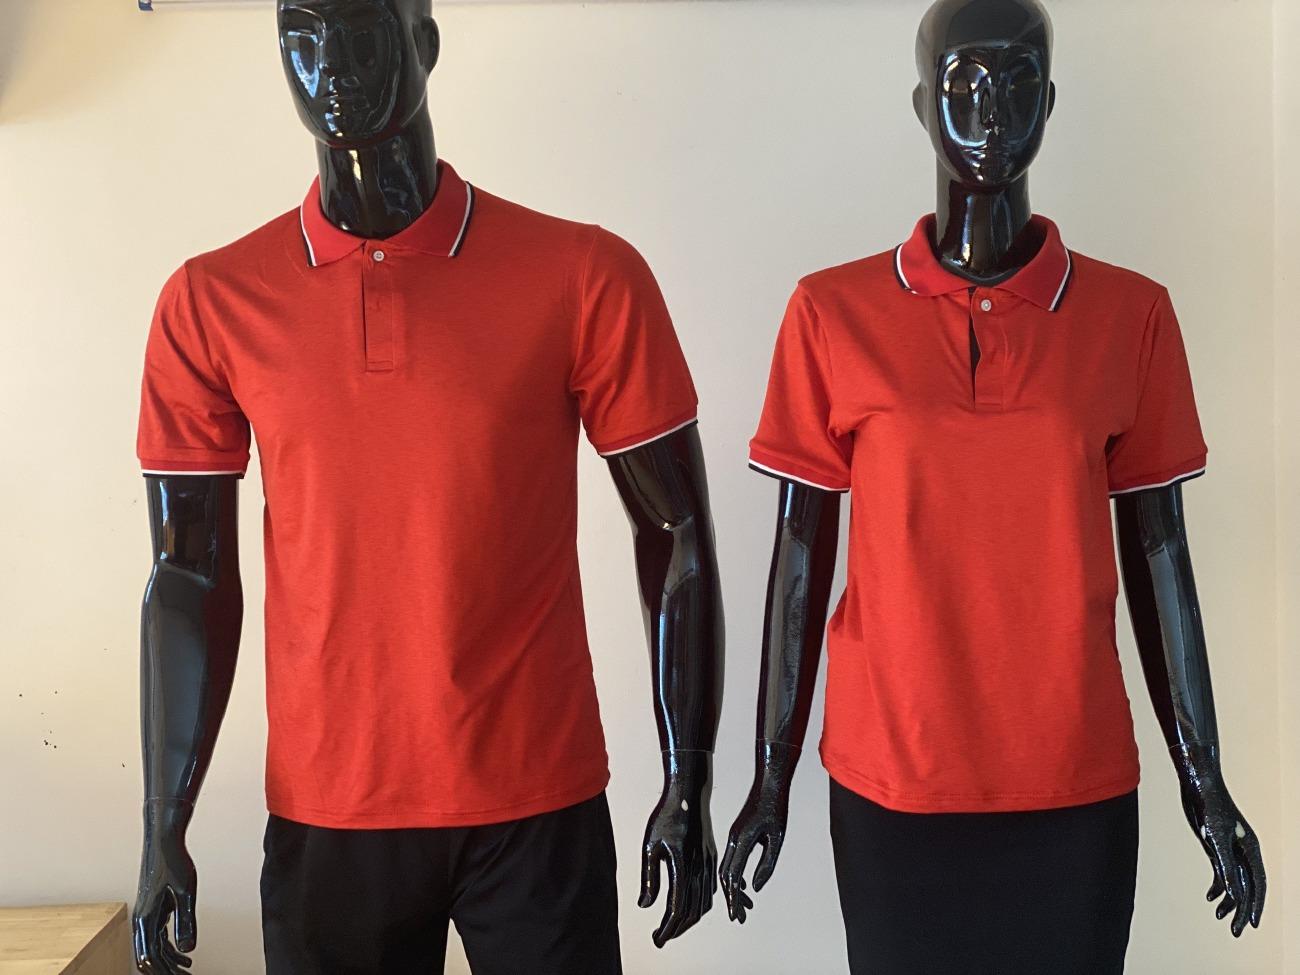 Xưởng may áo thun cotton, áo thun cotton, may áo thun sự kiện, ặt may áo thun số lượng ít tại TPHCM